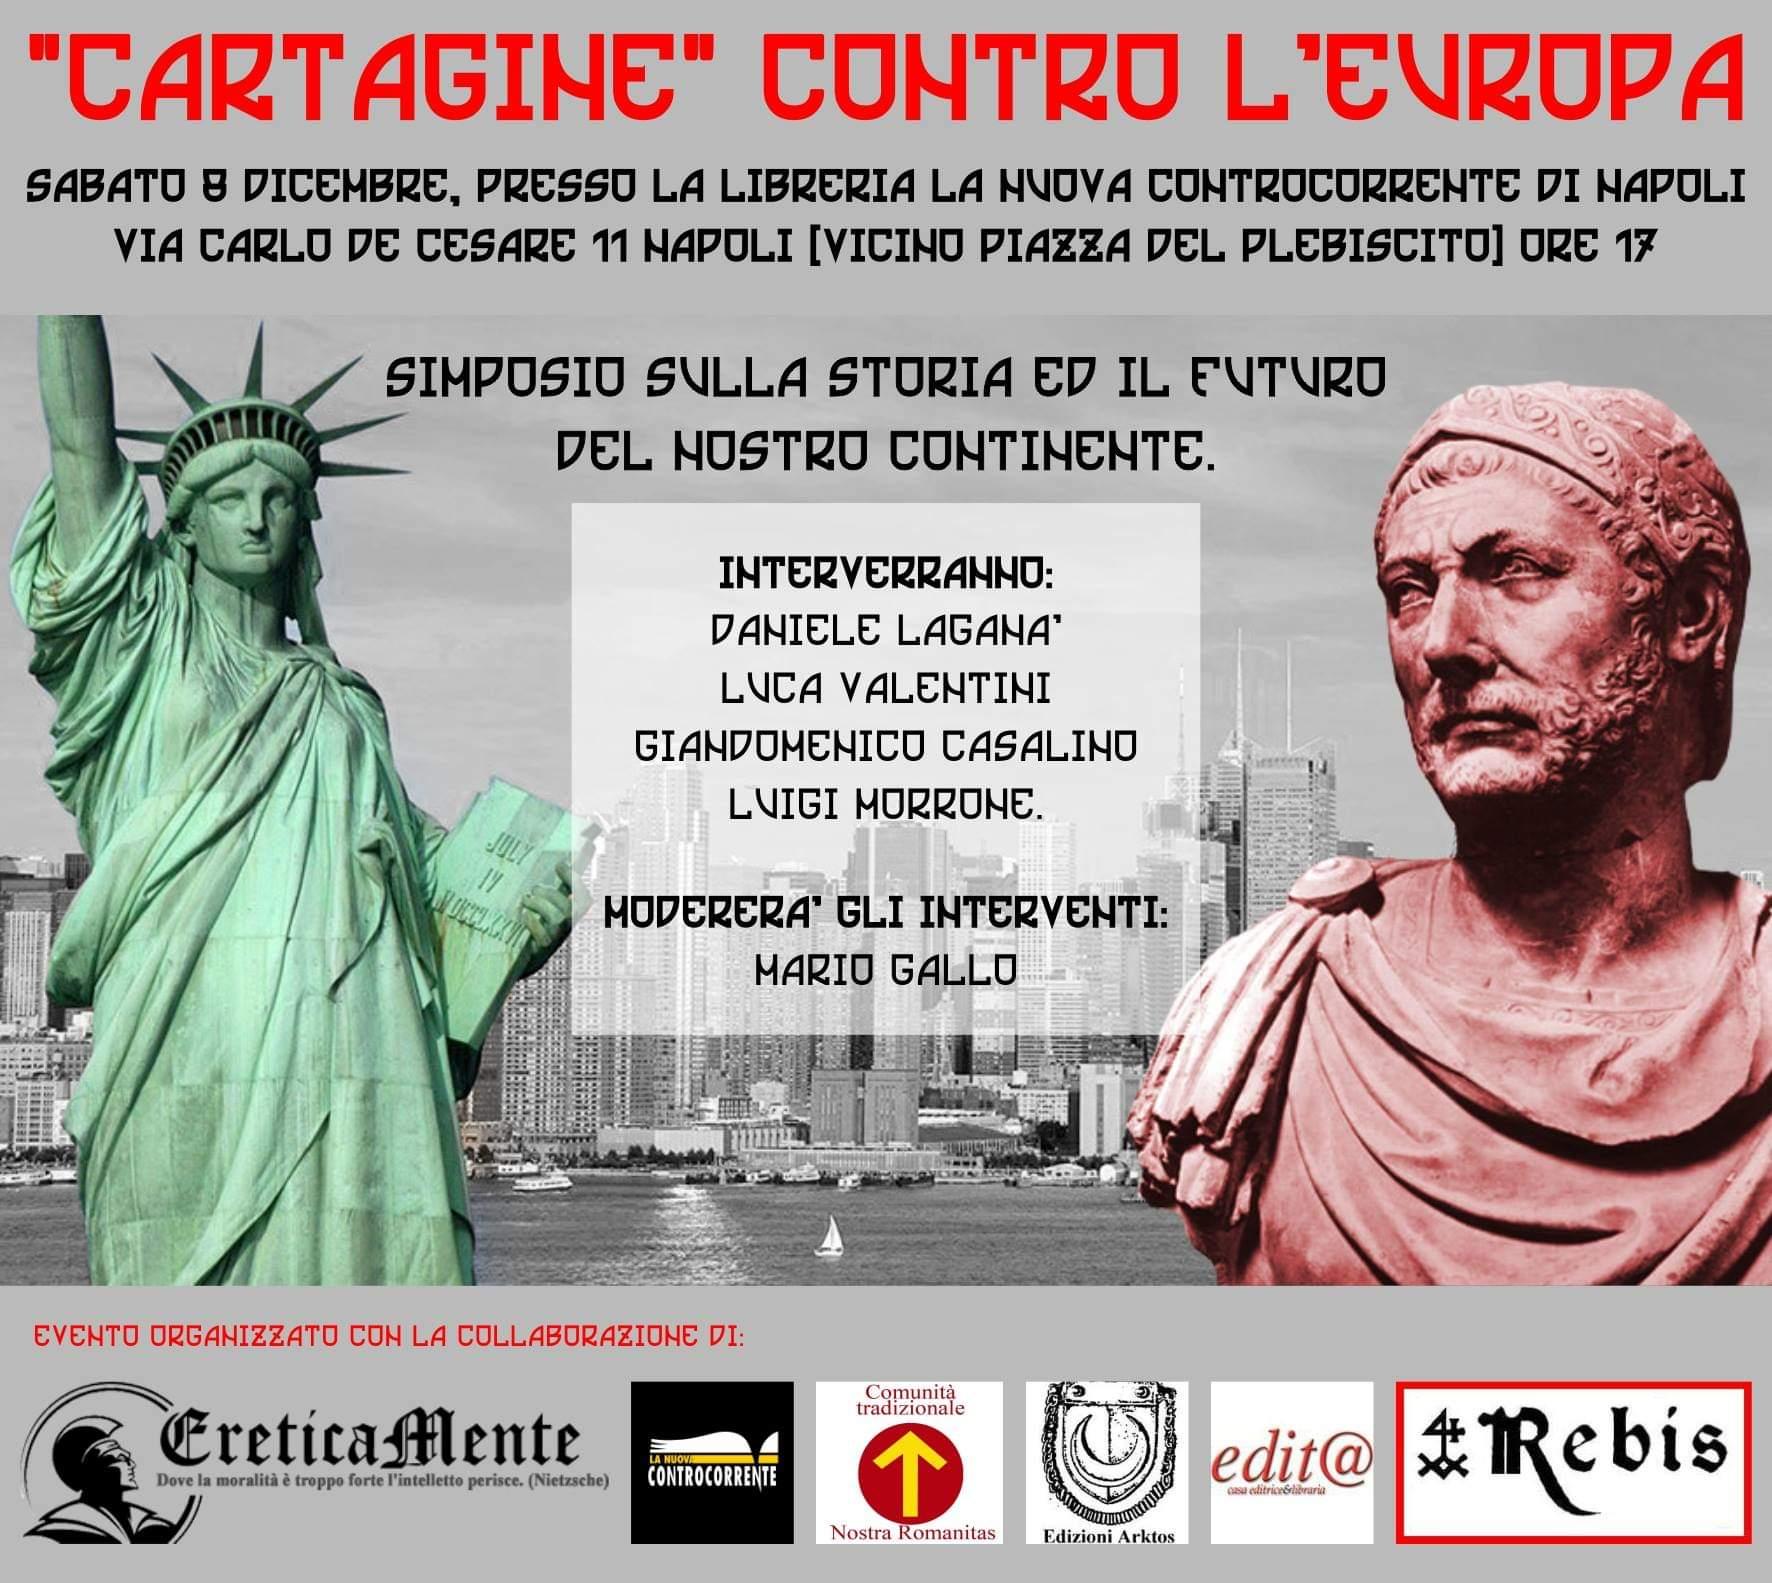 Cartagine contro l'Europa: dibattito storico – filosofico sul destino dell'Europa